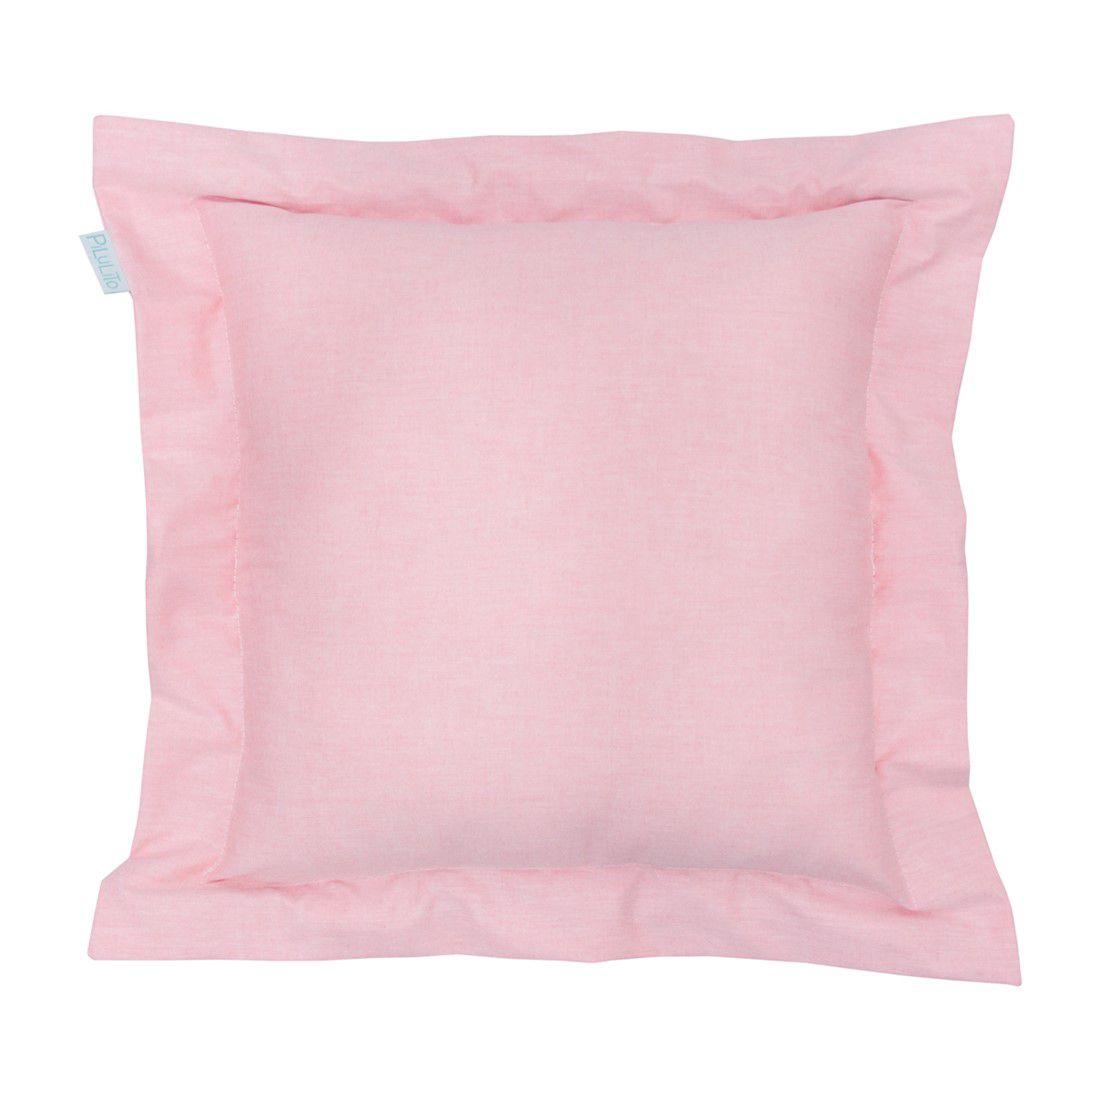 Capa de almofada 40x40cm rosa chá